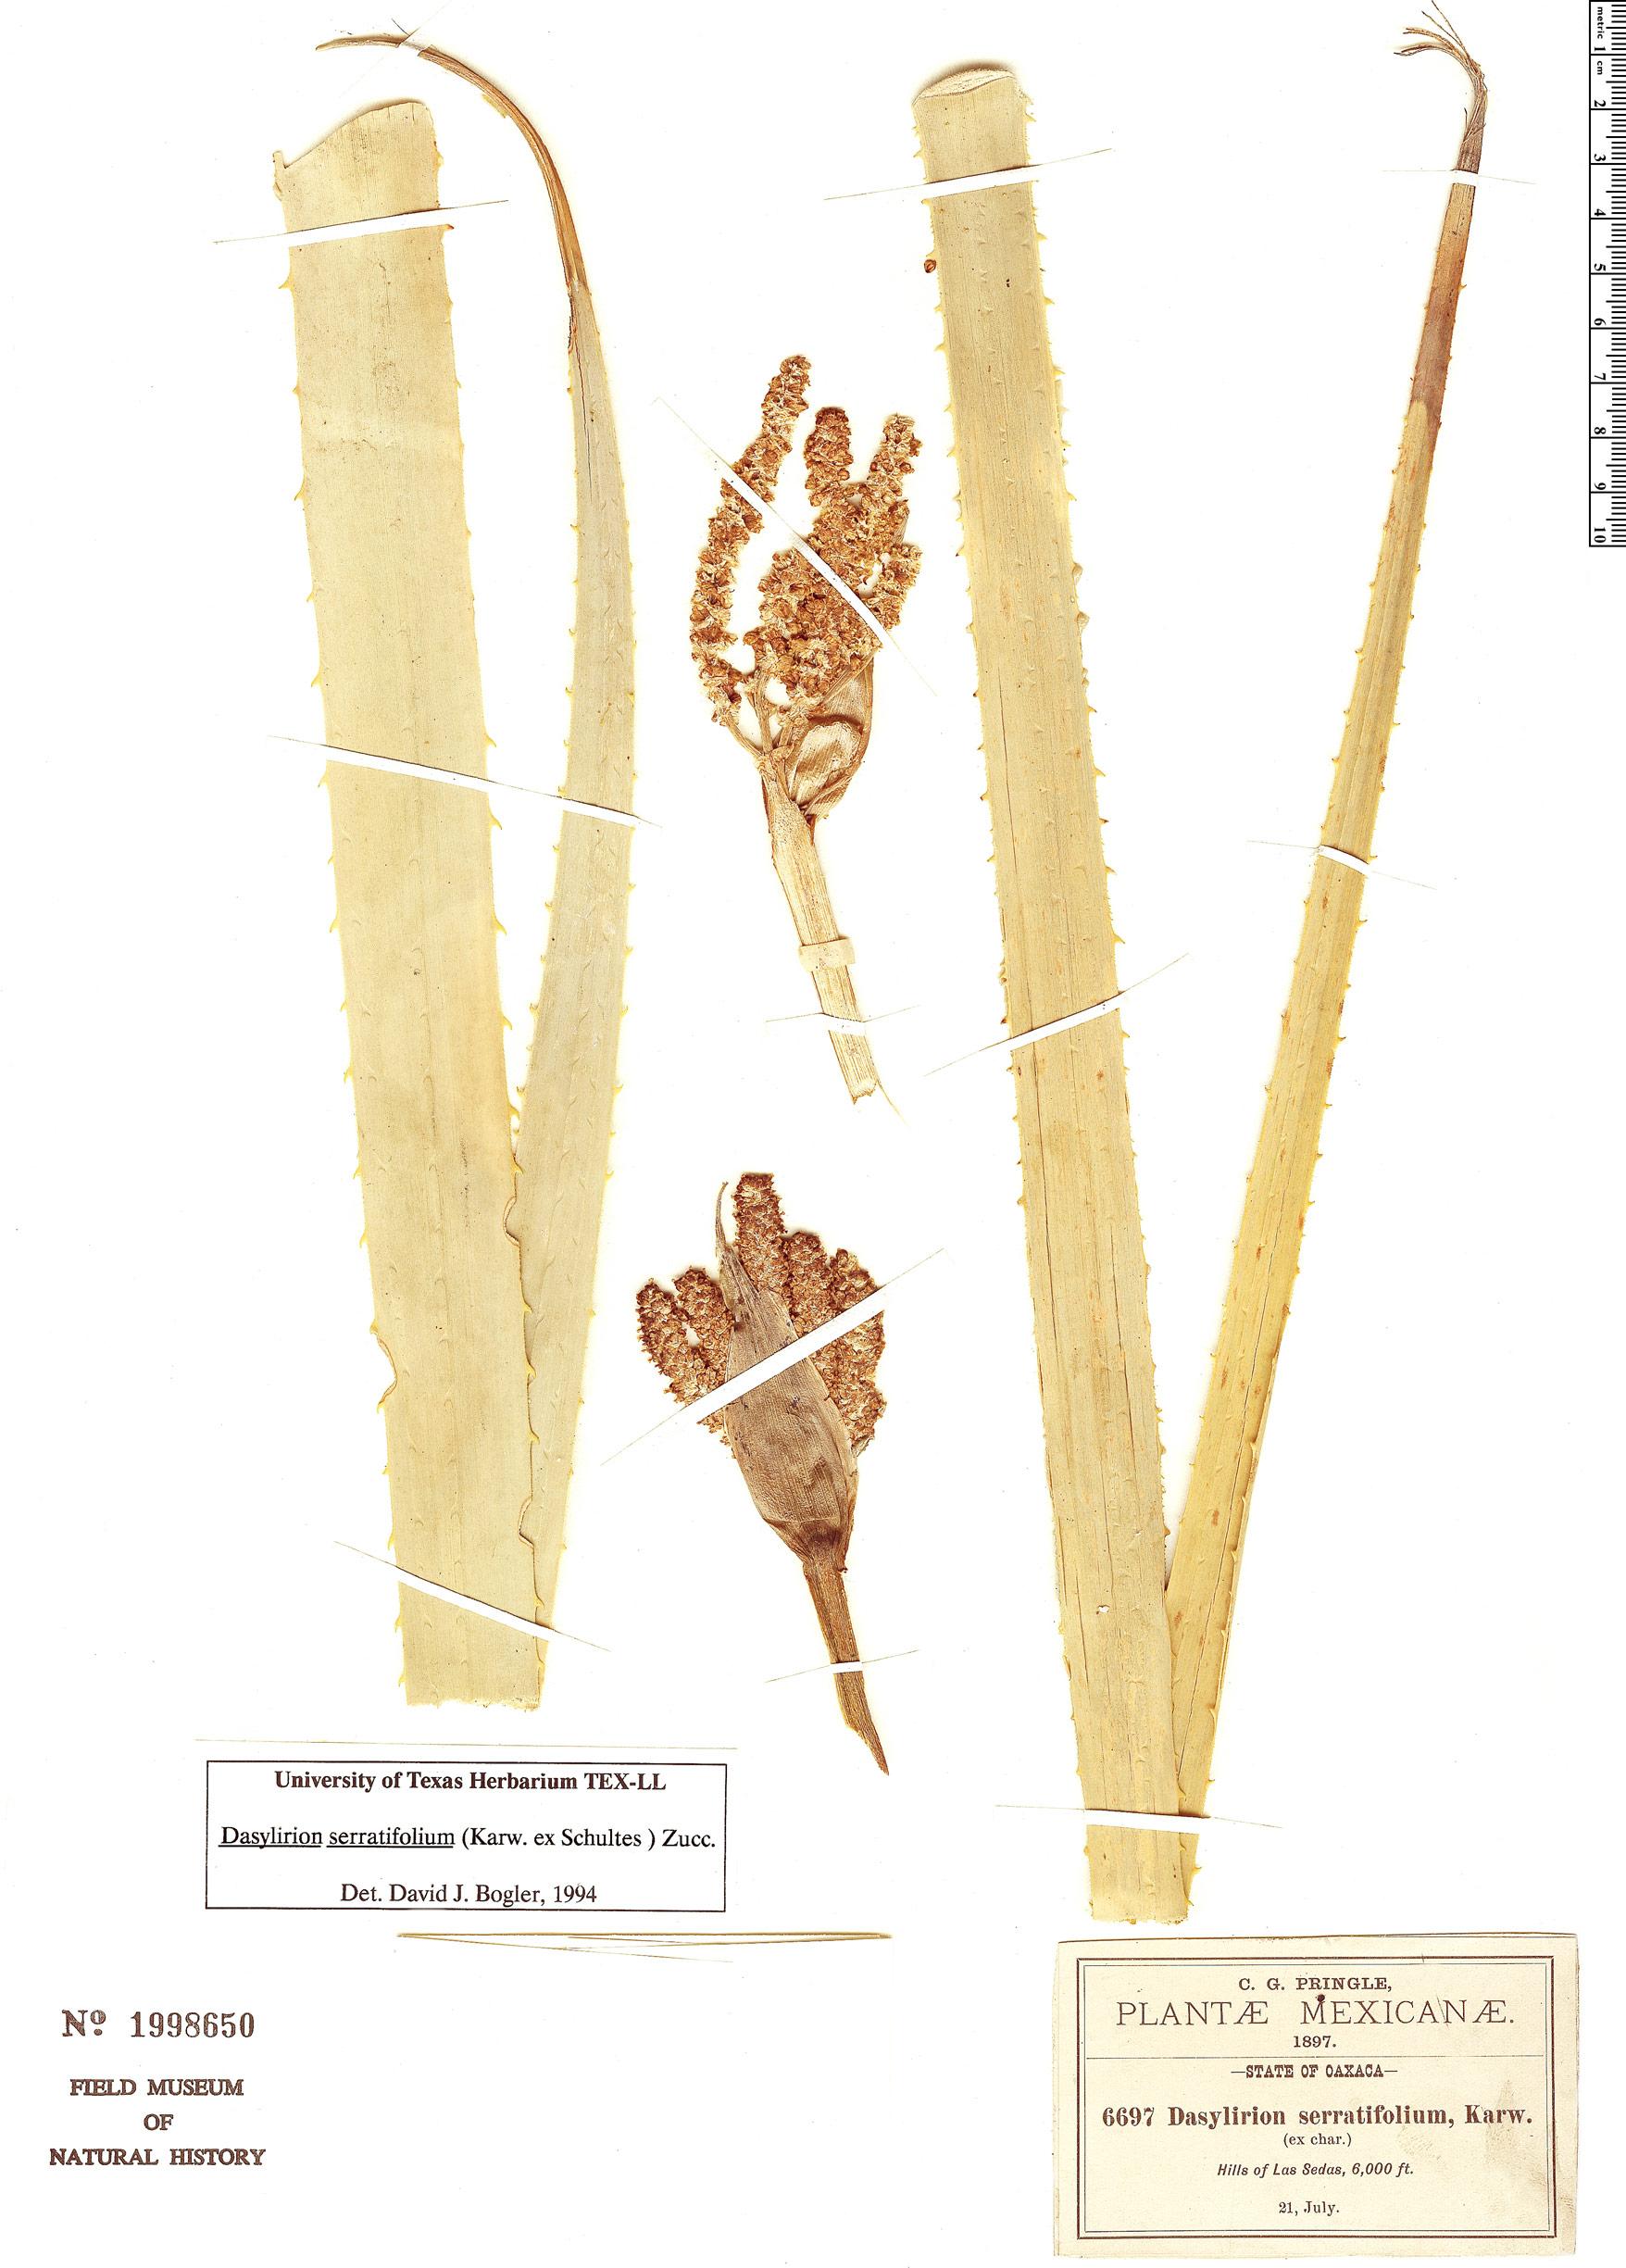 Specimen: Dasylirion serratifolium